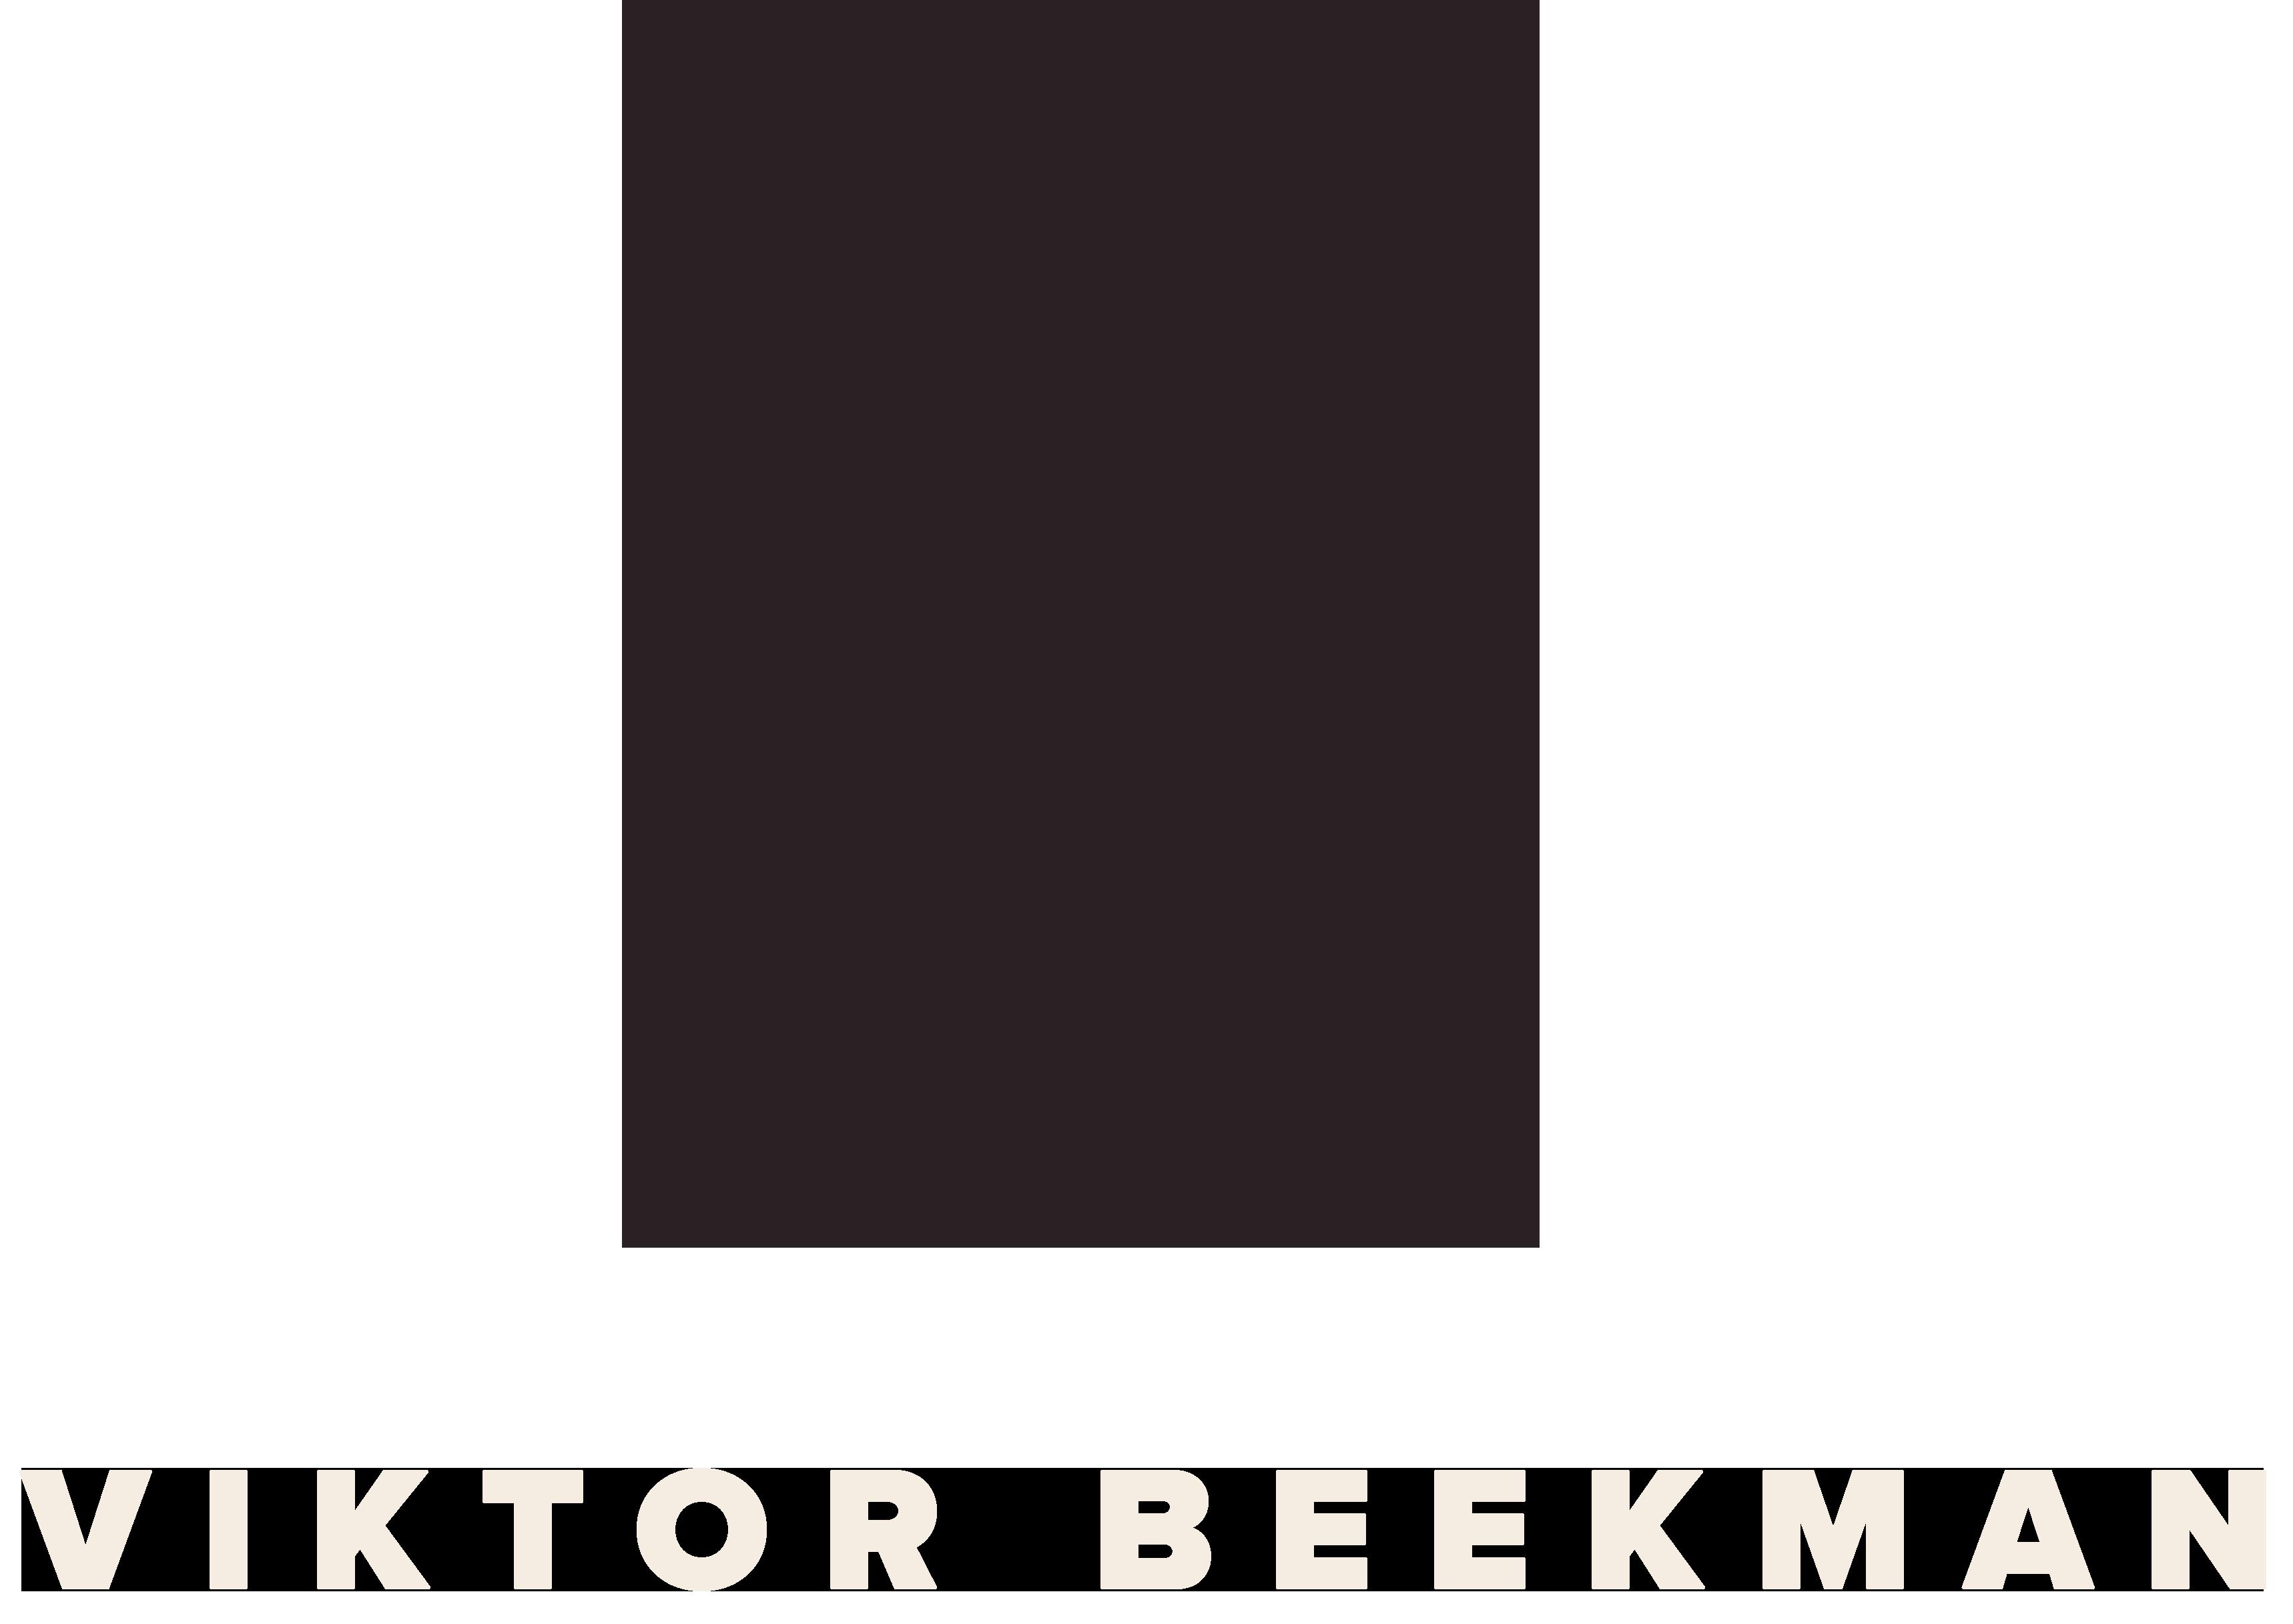 Viktor Beekman